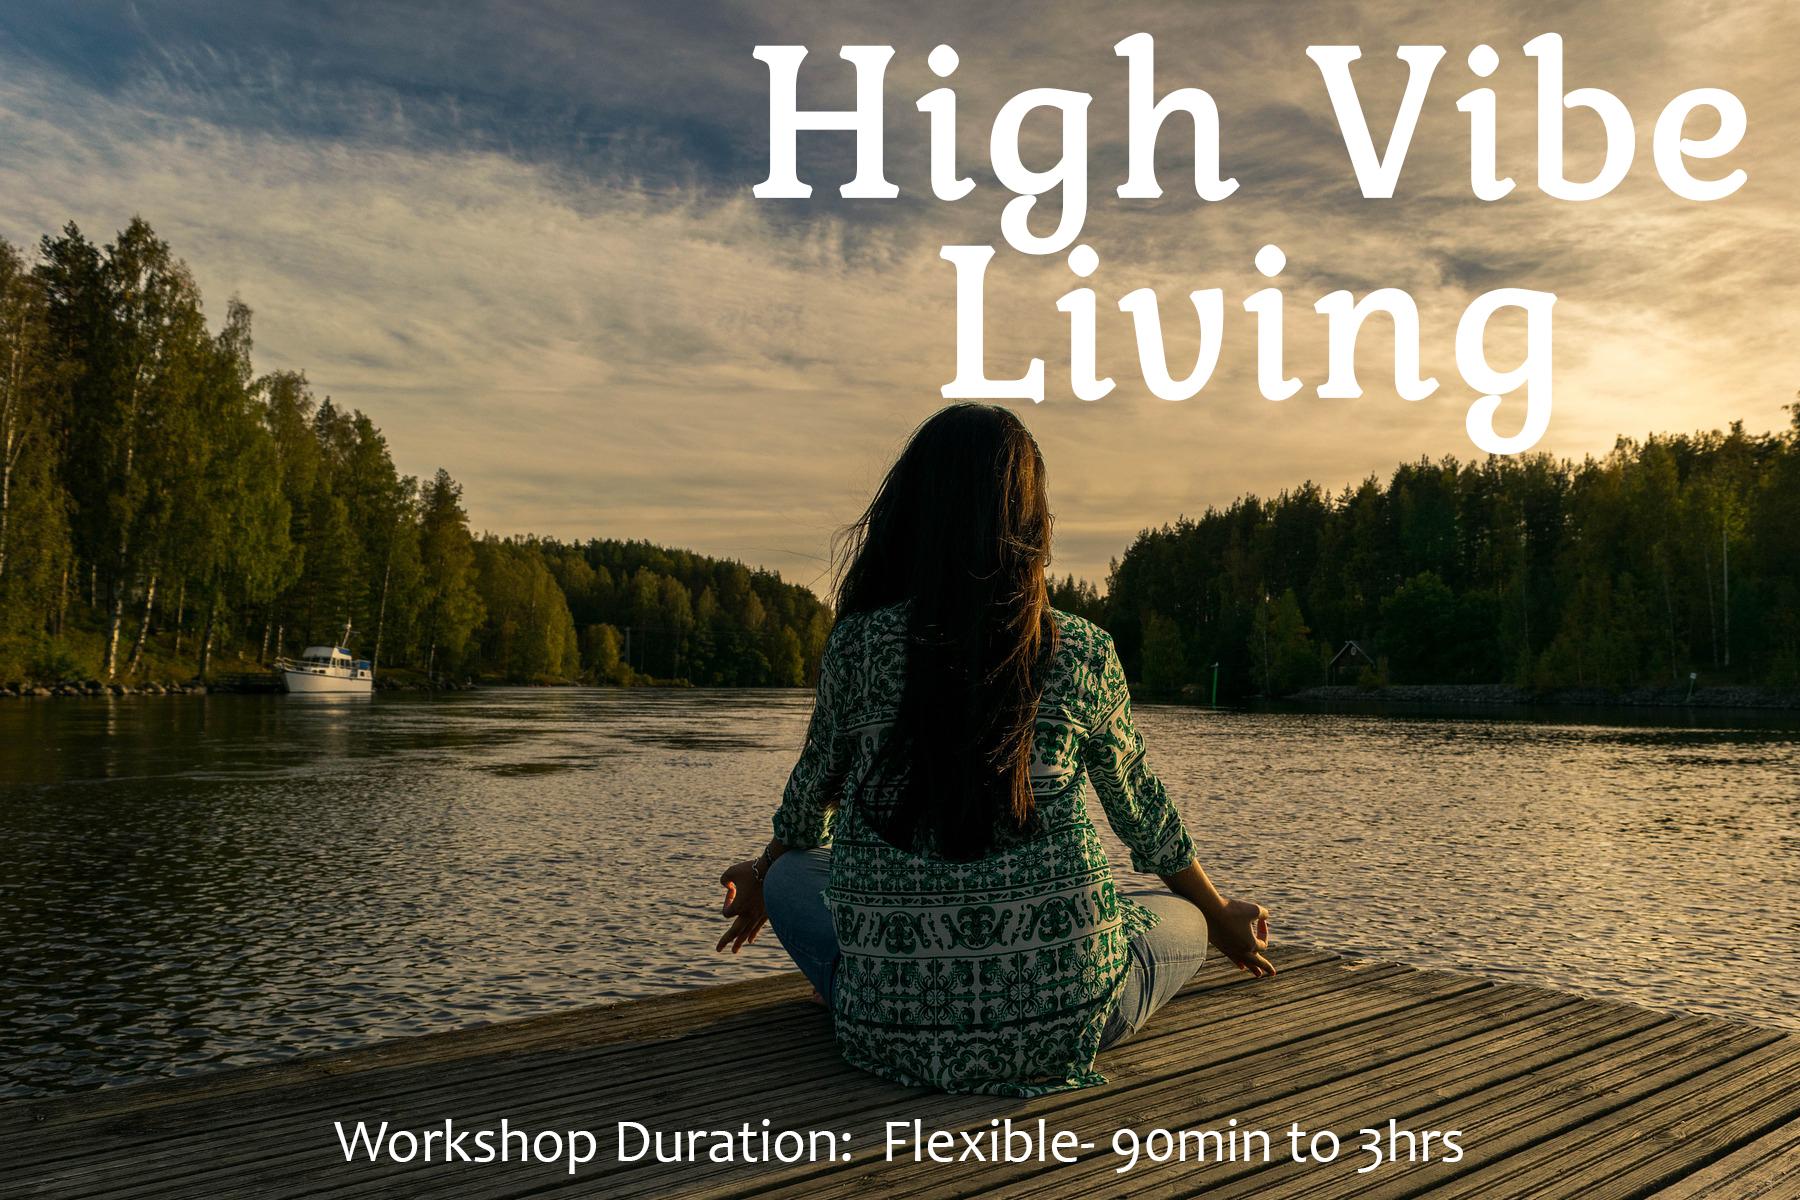 liv-high-vibe-img-slide.jpg